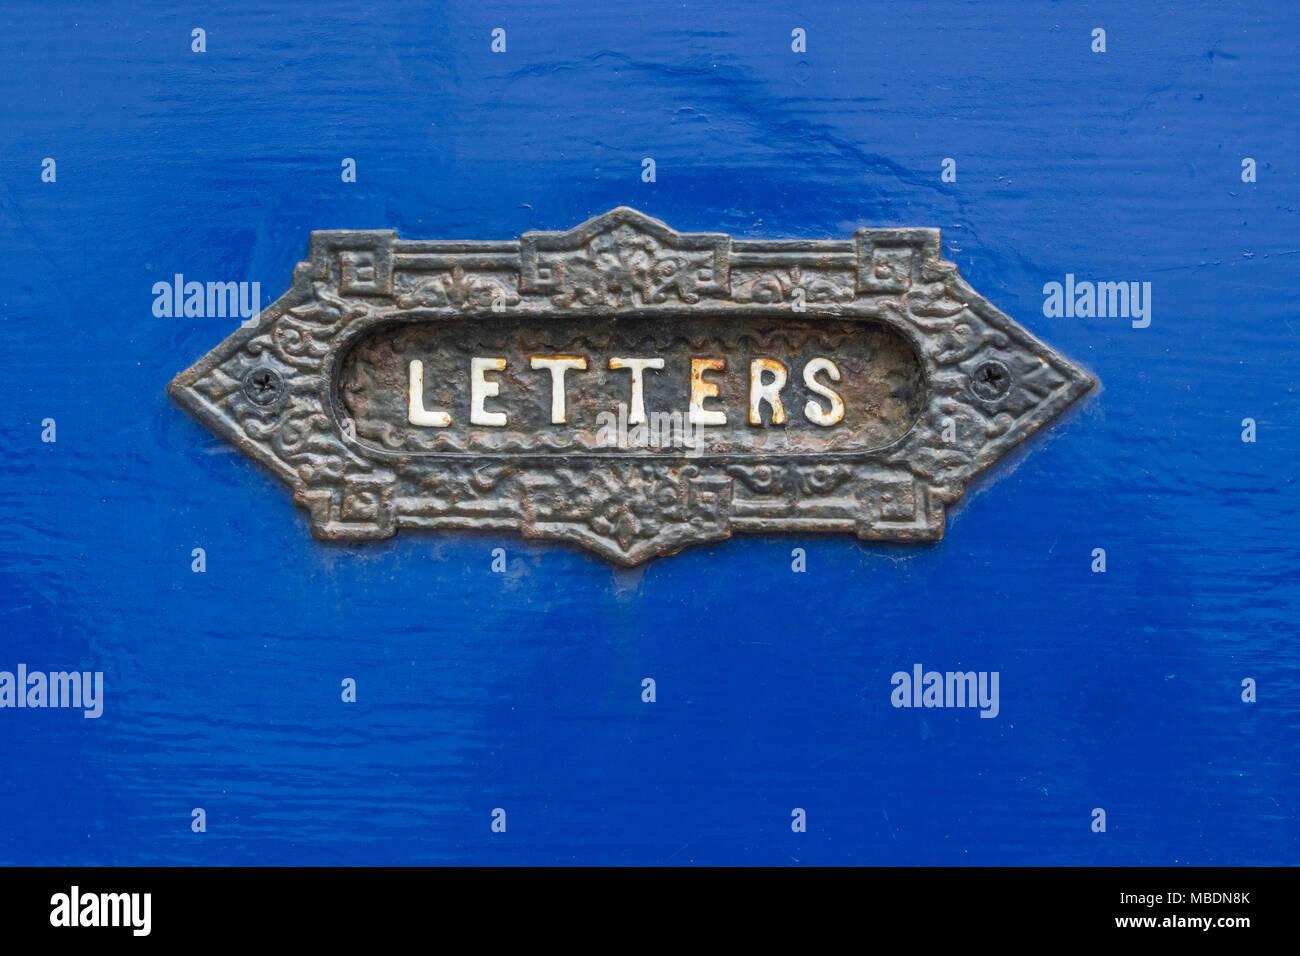 In der Nähe der traditionellen alten Briefkasten Platte. Mögliche Metapher für Mail, Junk-E-Mail, Direct Mail Marketing, e-mail etc. Stockbild